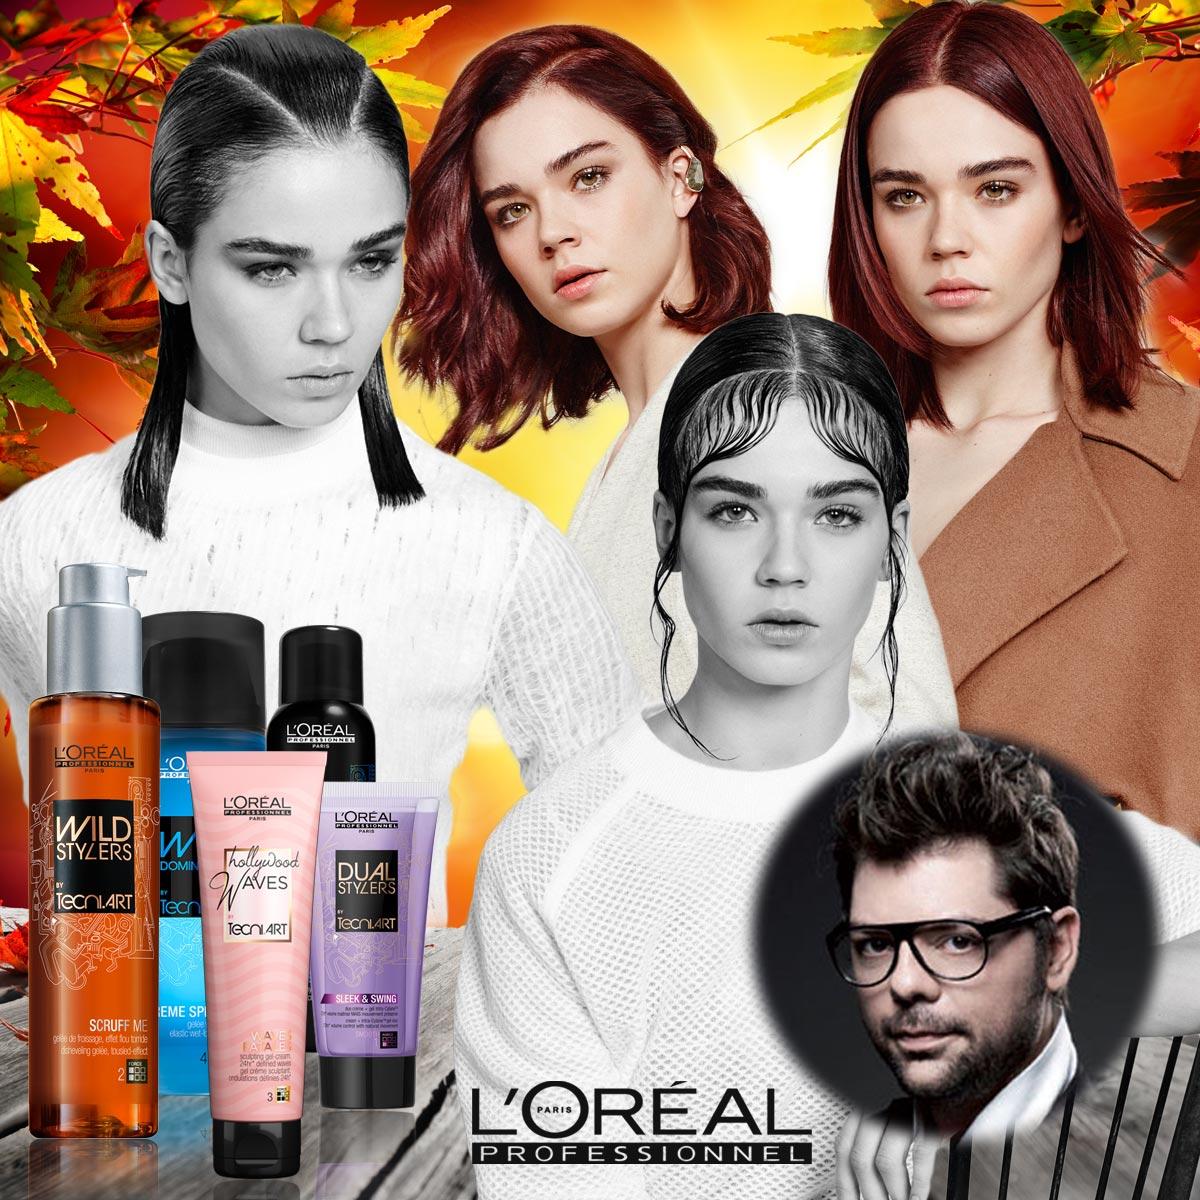 Výrazné pěšinky, vlnitý lob, krajkový efekt, baby hair, asymetrický look, hladké vlasy a mokrý vzhled – to jsou trendy pro podzimní účesy 2015 L'Oréal (IT Looks 2015), které vytvořil vytvořil hairstylista Luigi Neri.